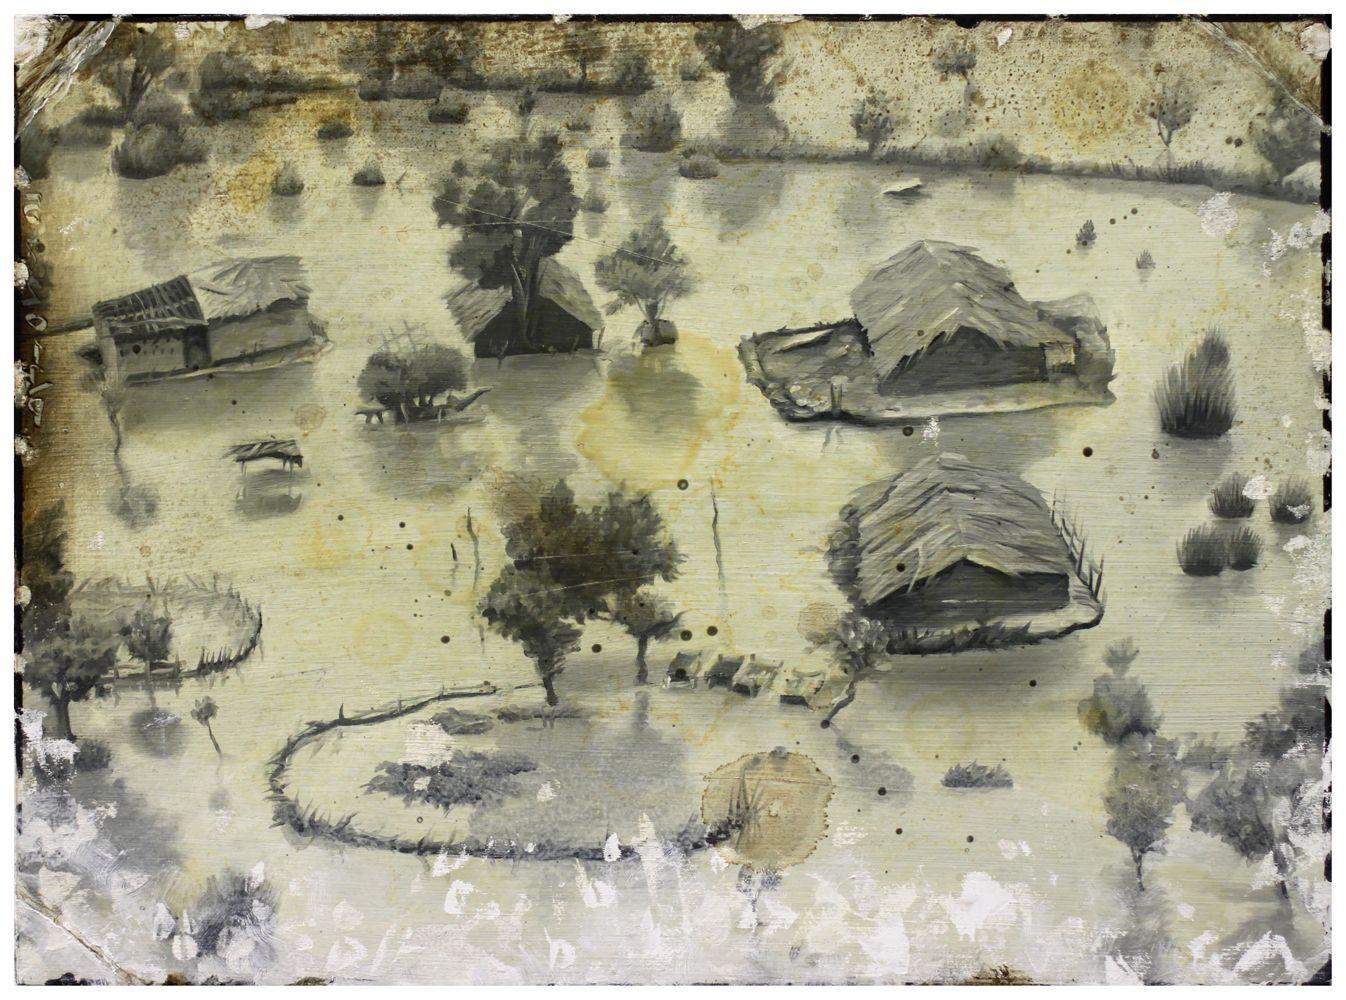 Demiak: Punjab, Pakistan, 2010. 24 x 33 cm. Oil and lacquer on MDF, 2011